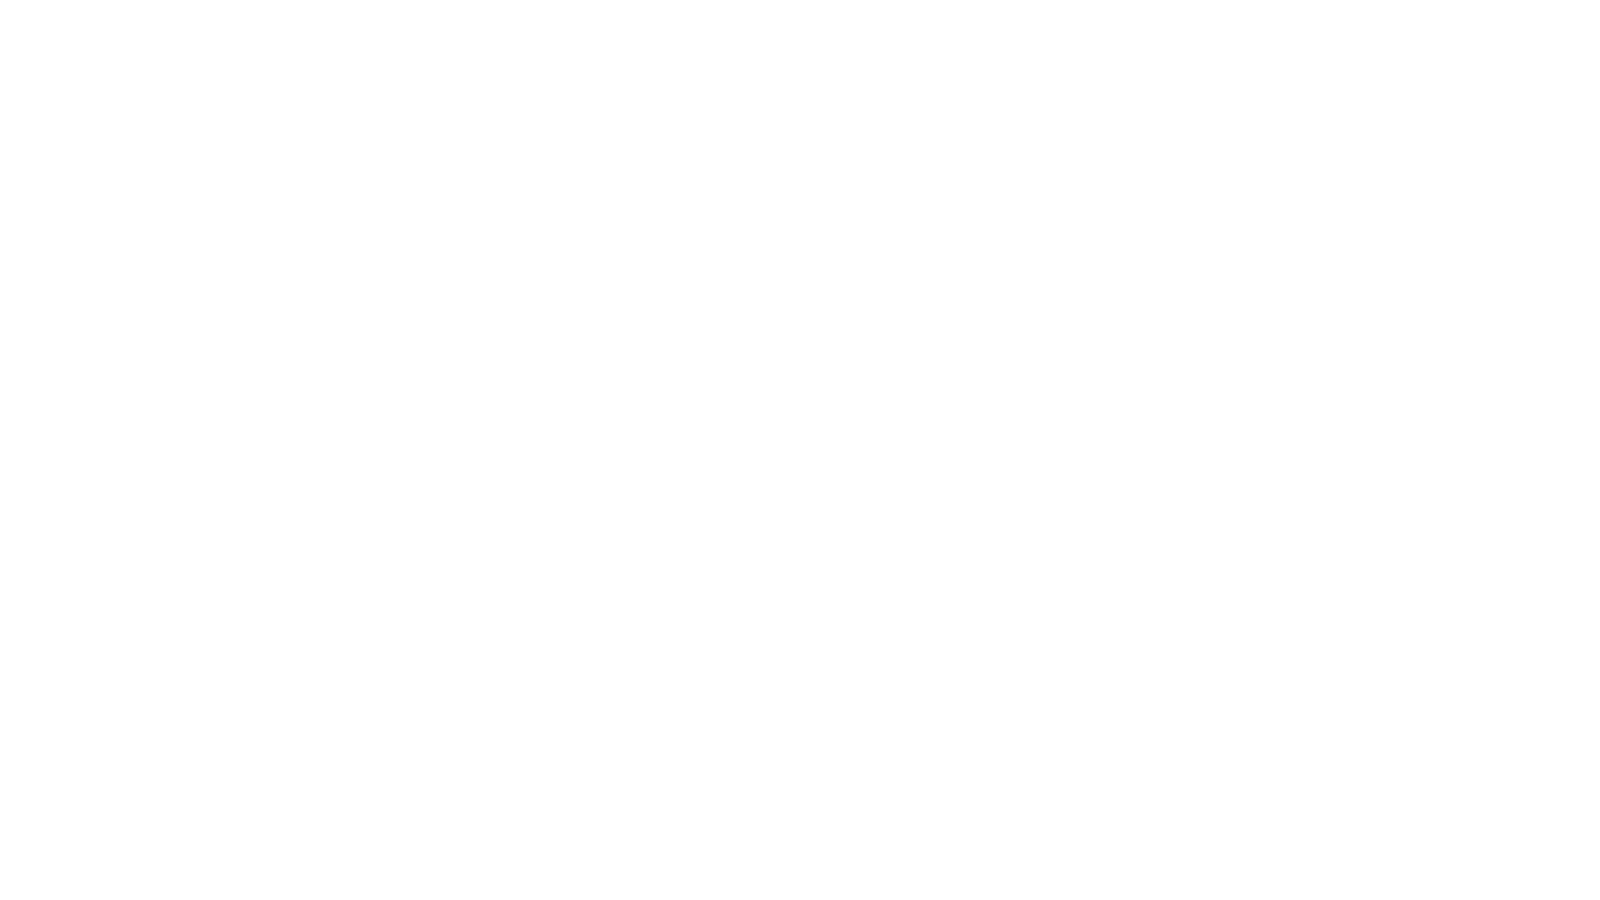 Duschabfluss: Abfluss in der Dusche verstopft: was tun/was hilft? Wasser läuft nicht ab! 5 effektive SOFORTHILFE Tricks   Hausmittel ohne Chemie 💦 Was du selber tun kannst, wenn deine Dusche bzw. der Duschabfluss verstopft ist und das Wasser nicht abläuft. Weil der Effekt oft ausbleibt 😤 Verzichte auf Spirale, Rohrreiniger, Pümpel, Backpulver / Natron & Essig oder Cola und probiere meine 5 Soforthilfe Tricks, die dafür sorgen, dass dein Duschabfluss in wenigen Minuten frei sein wird 🙌🏻 #dusche #abfluss #verstopft 👉🏻 Film ab 🎥 ⚠️ Anwendung (siehe Video) auf eigene Gefahr! 👉🏻 Link zum ausführlichen Blog-Artikel: https://godlikenews.de/2021/07/27/abfluss-dusche-verstopft-was-tun-5-soforthilfe-tricks/ ✌🏻 Lange Pinzette hier günstig bestellen: https://amzn.to/3hztaFp * 🌀 Bestseller Pümpel/ Saugglocke/ Abflussreiniger hier bestellen: http://amzn.to/2DEa9Pw * 🏆 Bestseller Pressluft-Rohrreinigungspistole bestellen: http://amzn.to/2DHntyJ * 🕳 Rohrreinigungsspirale mit Bürste hier bestellen: http://amzn.to/2DL1aMo * ⚠️ Chemie Rohrreiniger hier bestellen: http://amzn.to/2neT5pg * ⁉️Haben dir meine Tricks weitergeholfen? Welche Erfahrungen konntest du sammeln? Ich freue mich auf deinen Kommentar. * = Affiliatelink (Werbung)